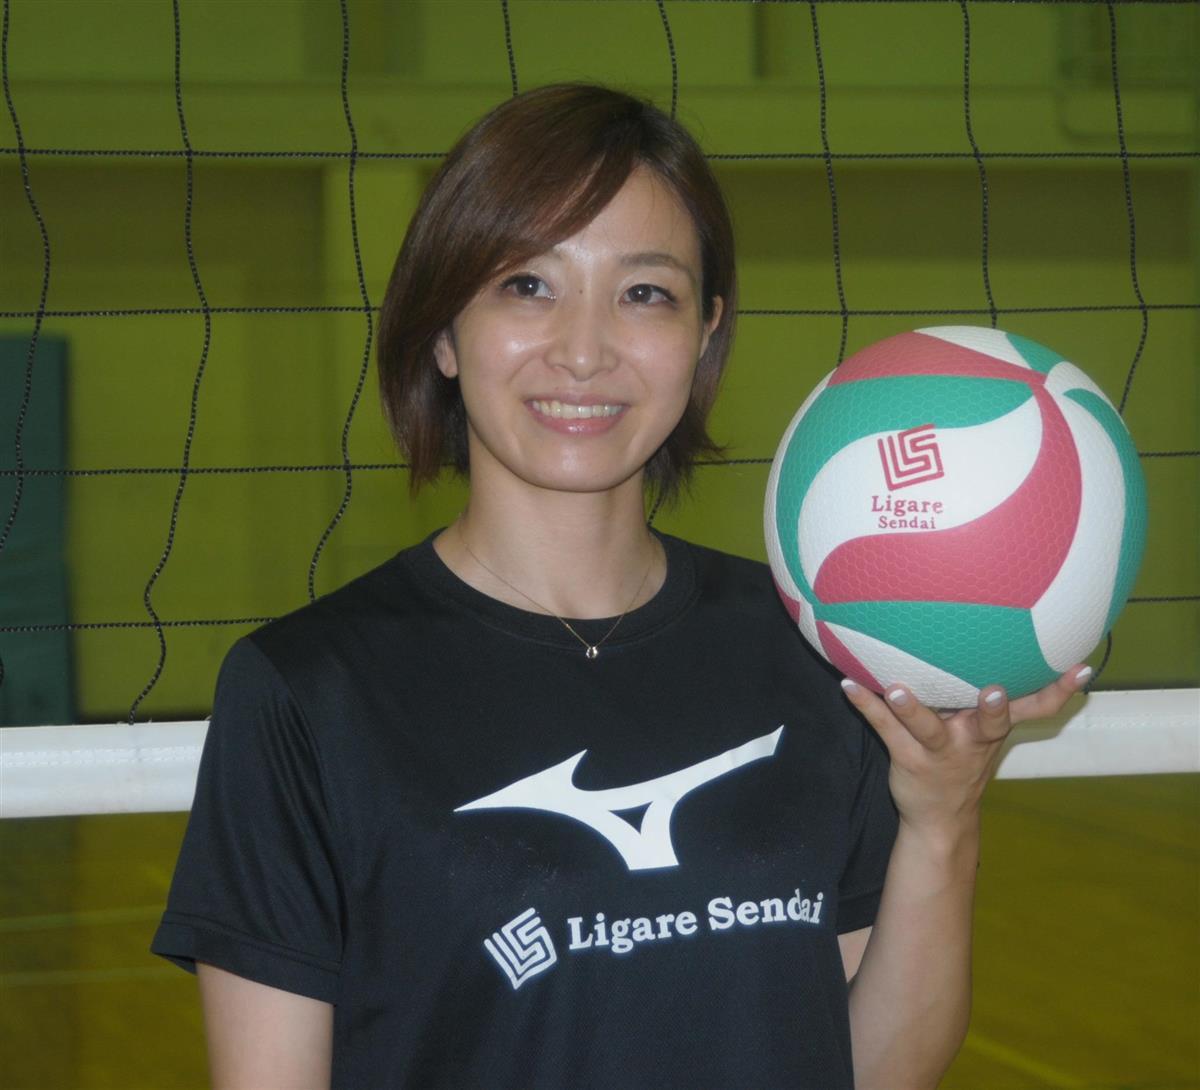 バレーボール人生で今が一番充実 元日本代表でリガーレ仙台の選手兼 ...